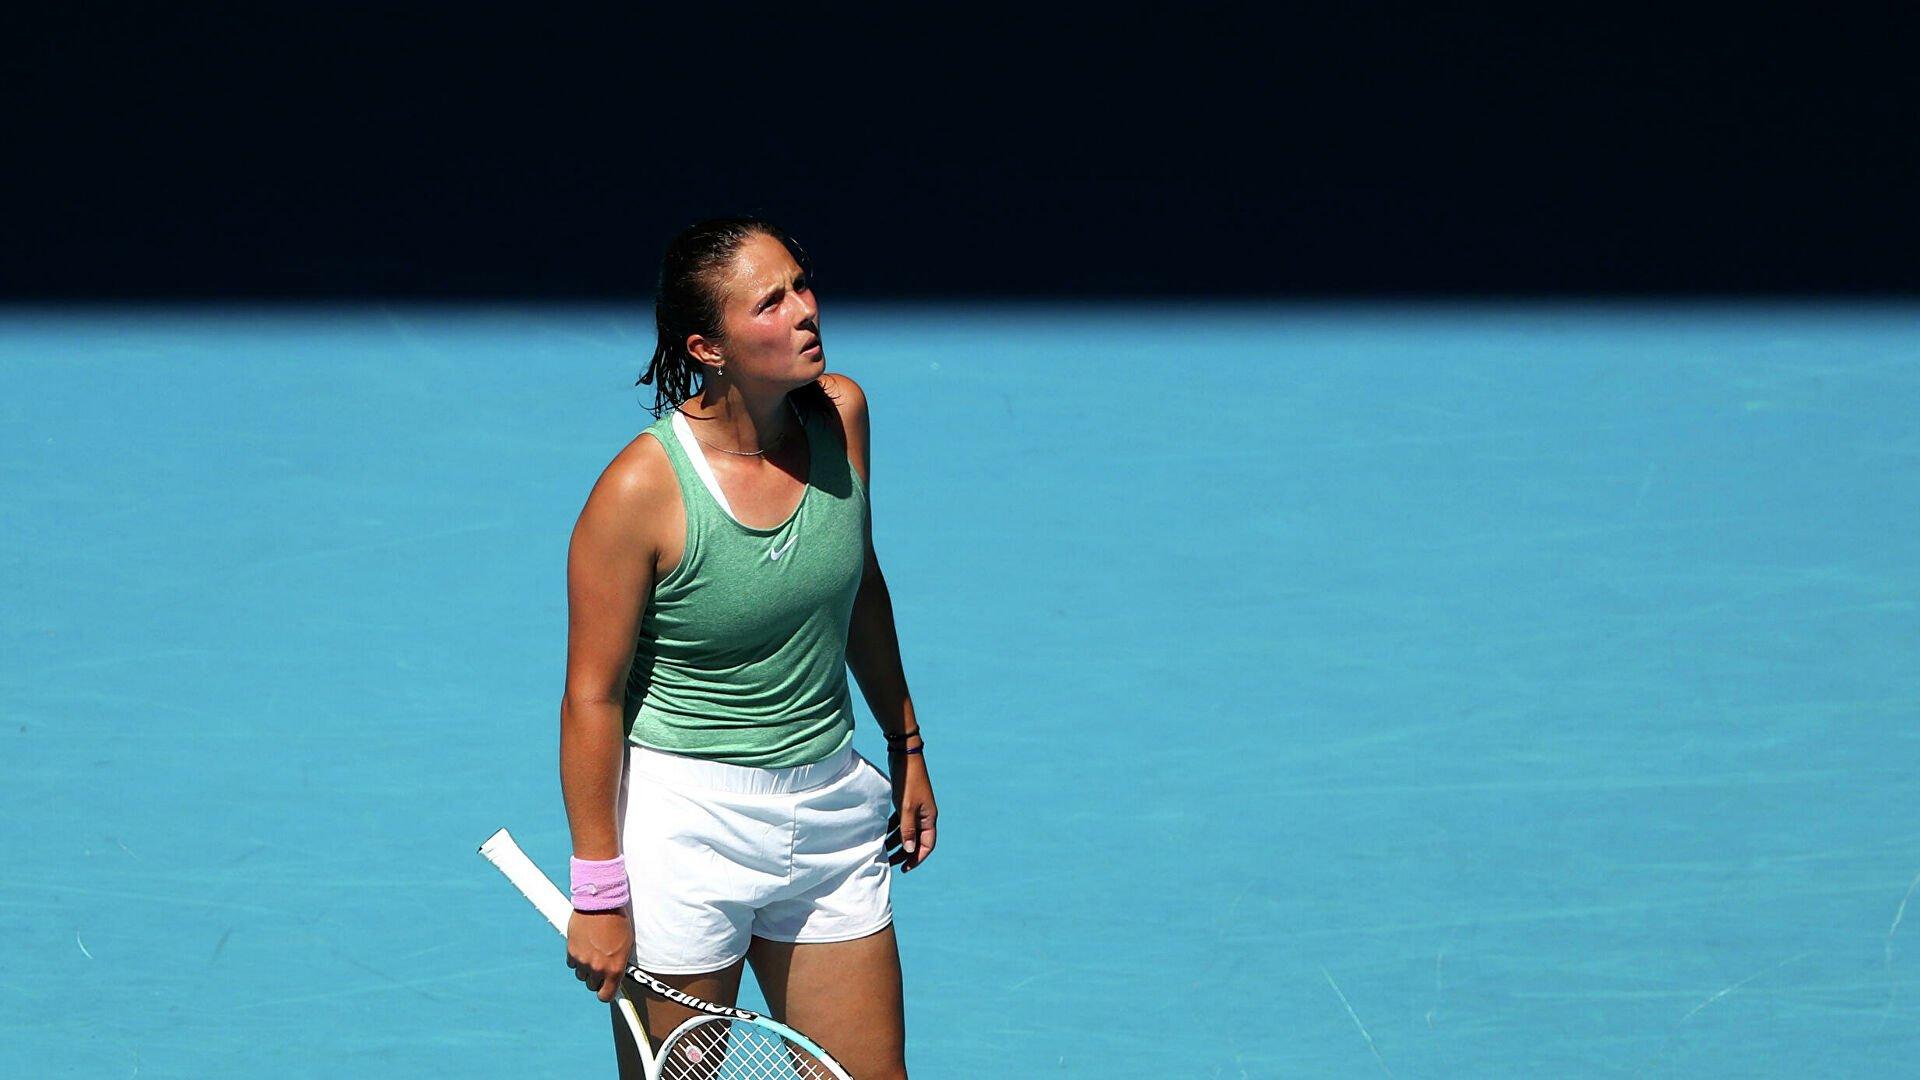 Касаткина завершила борьбу на турнире в Мадриде, проиграв Соболенко